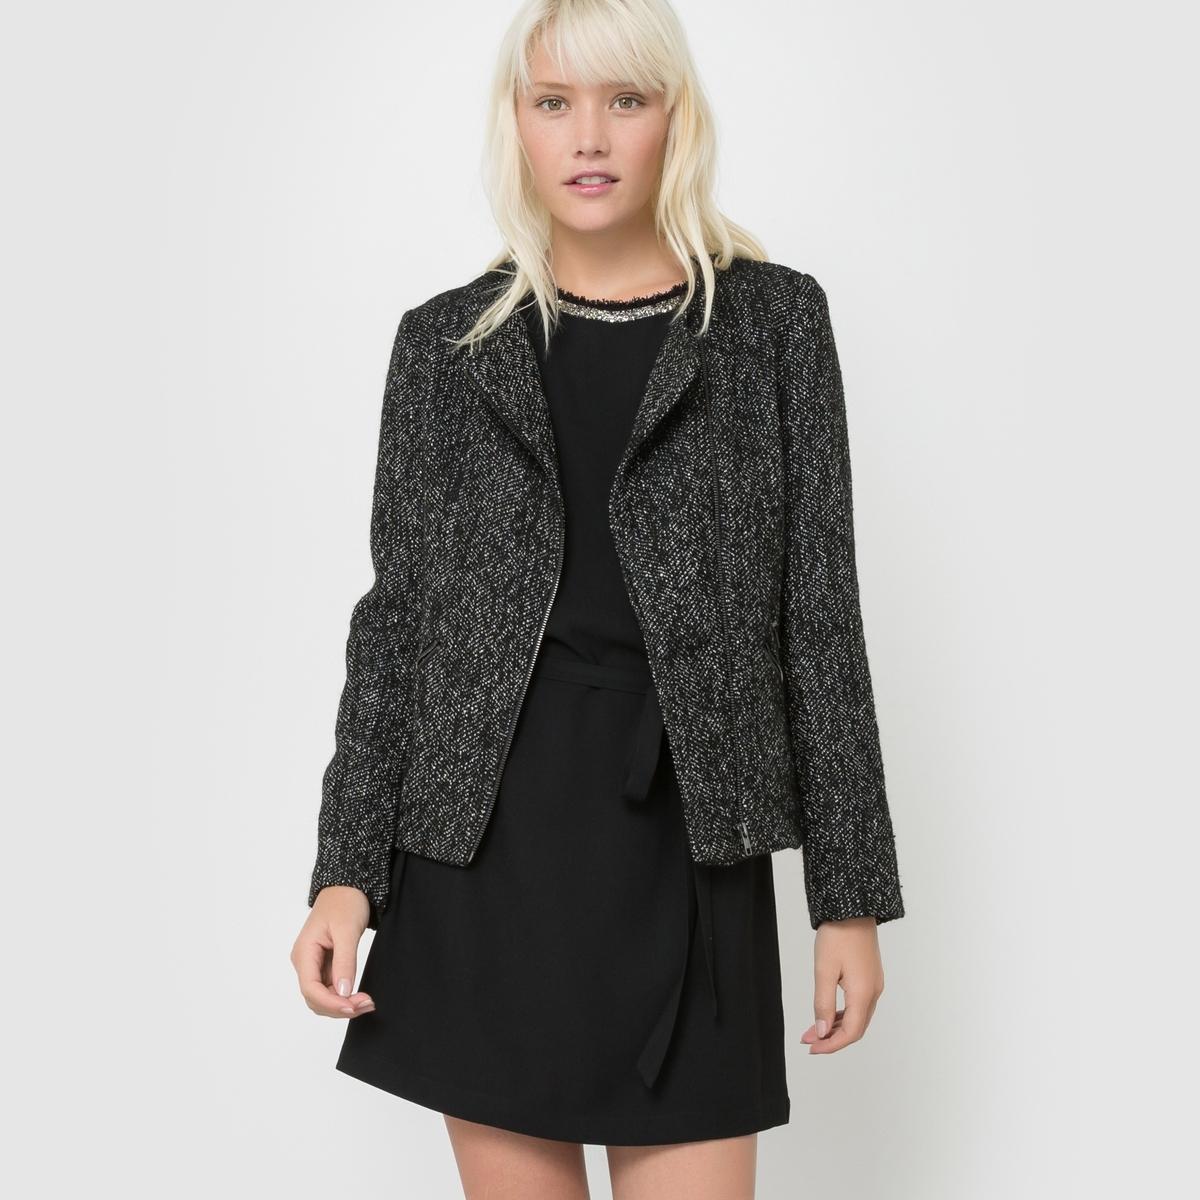 Пальто пальто рогожка драповое 60% шерсти